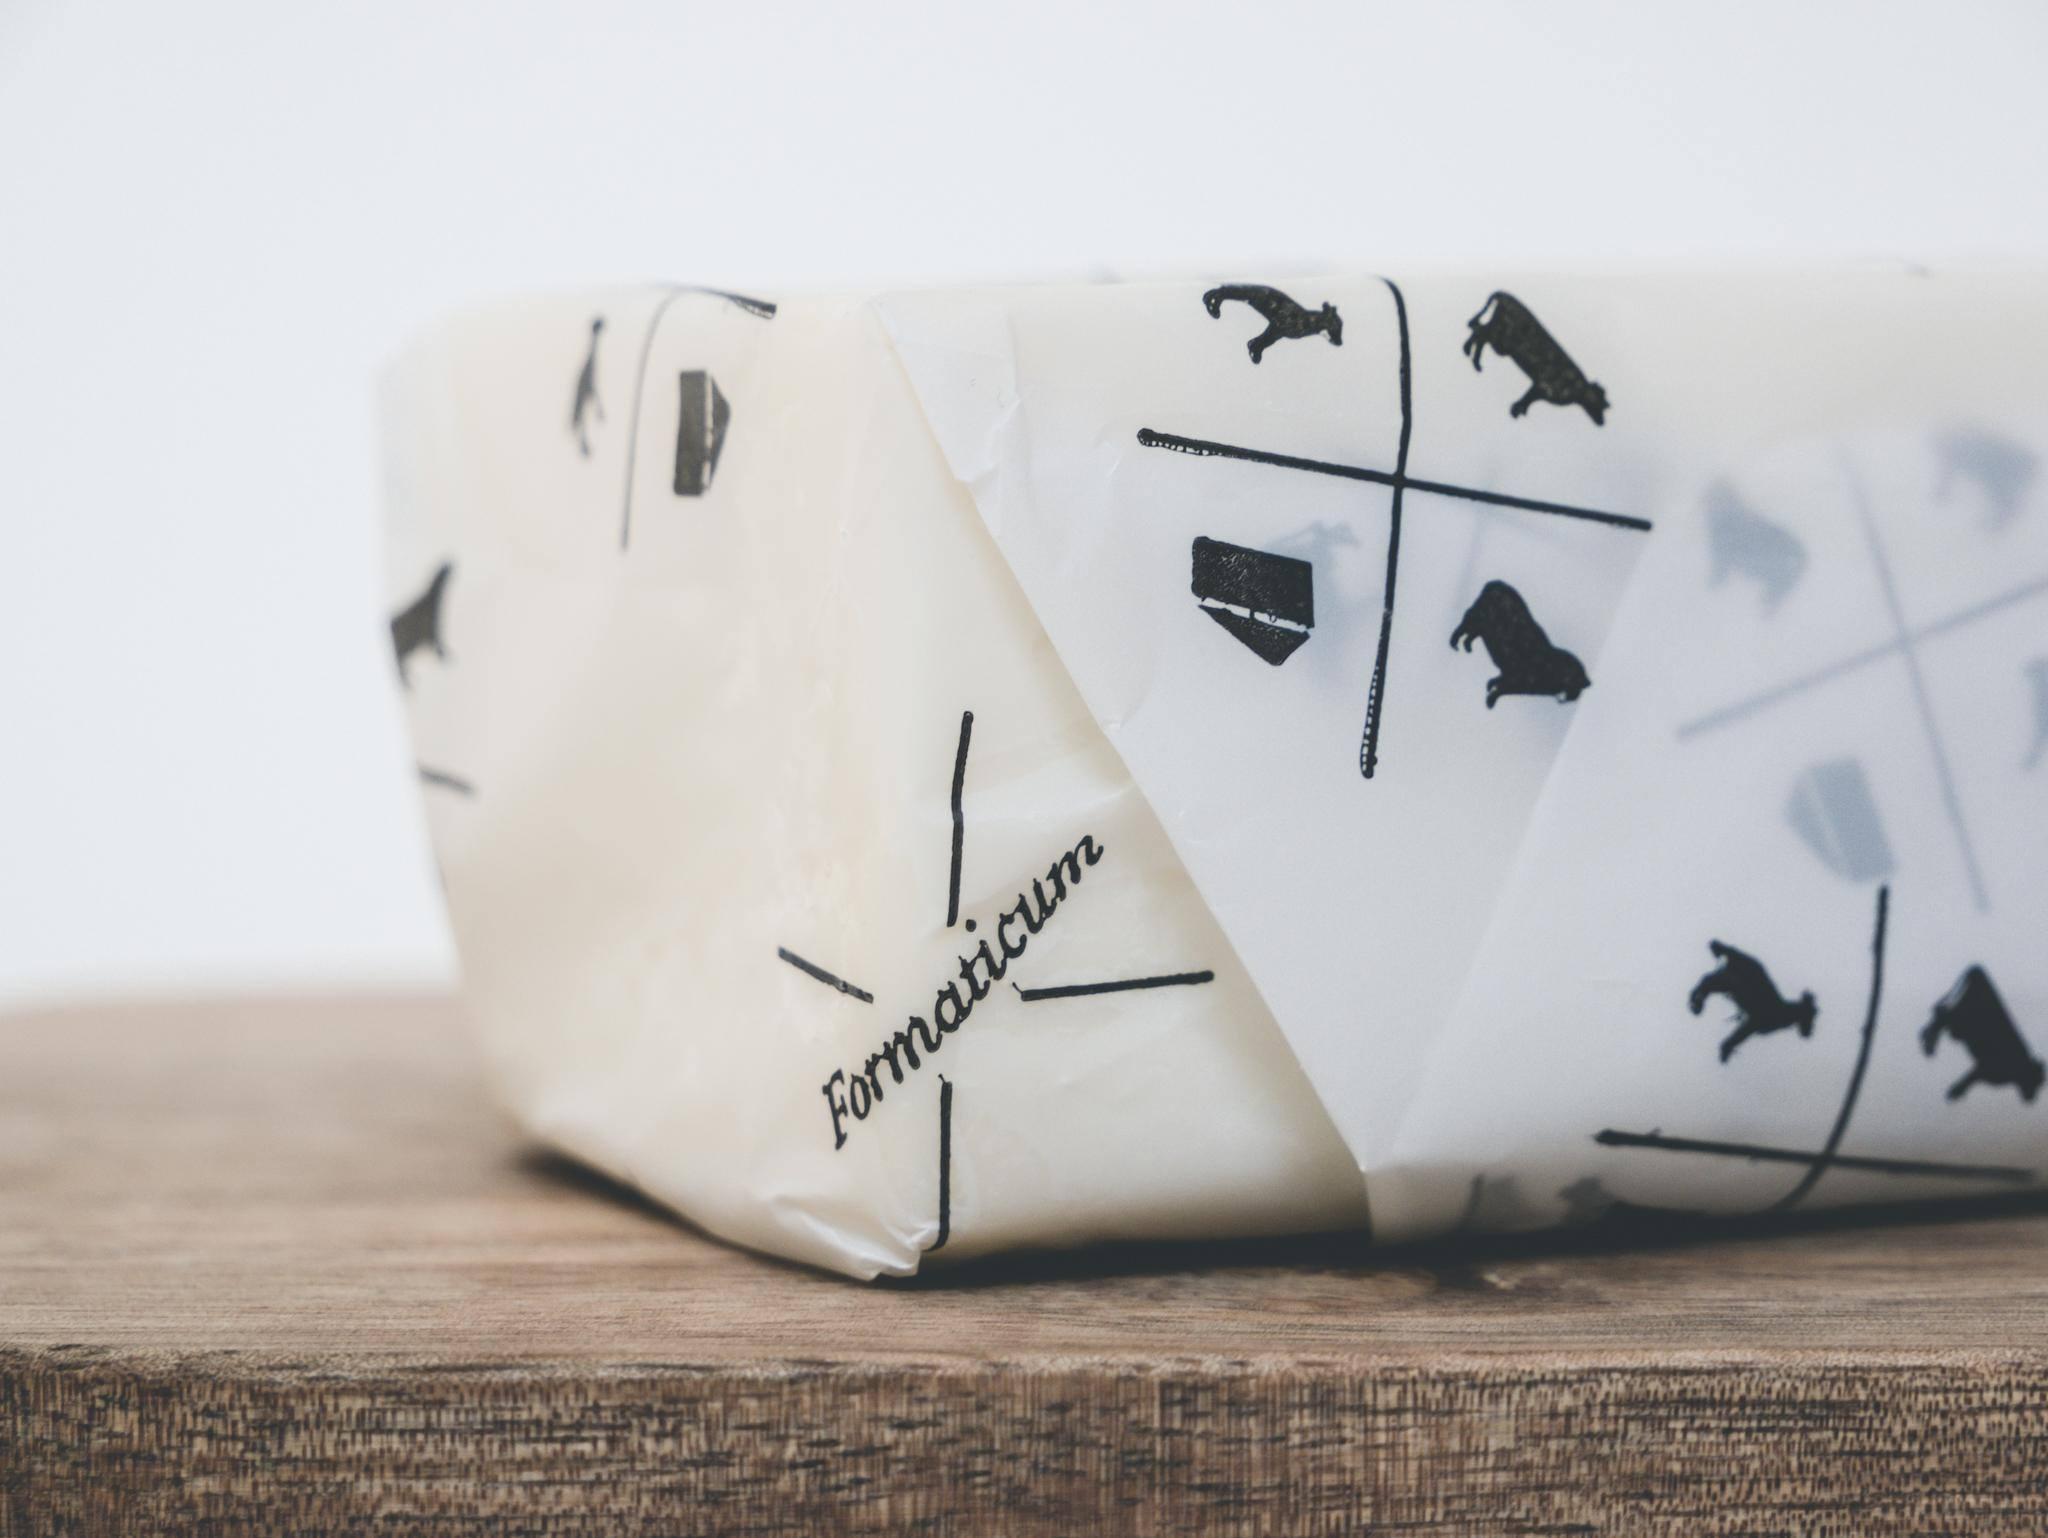 kaas bewaren verpakking